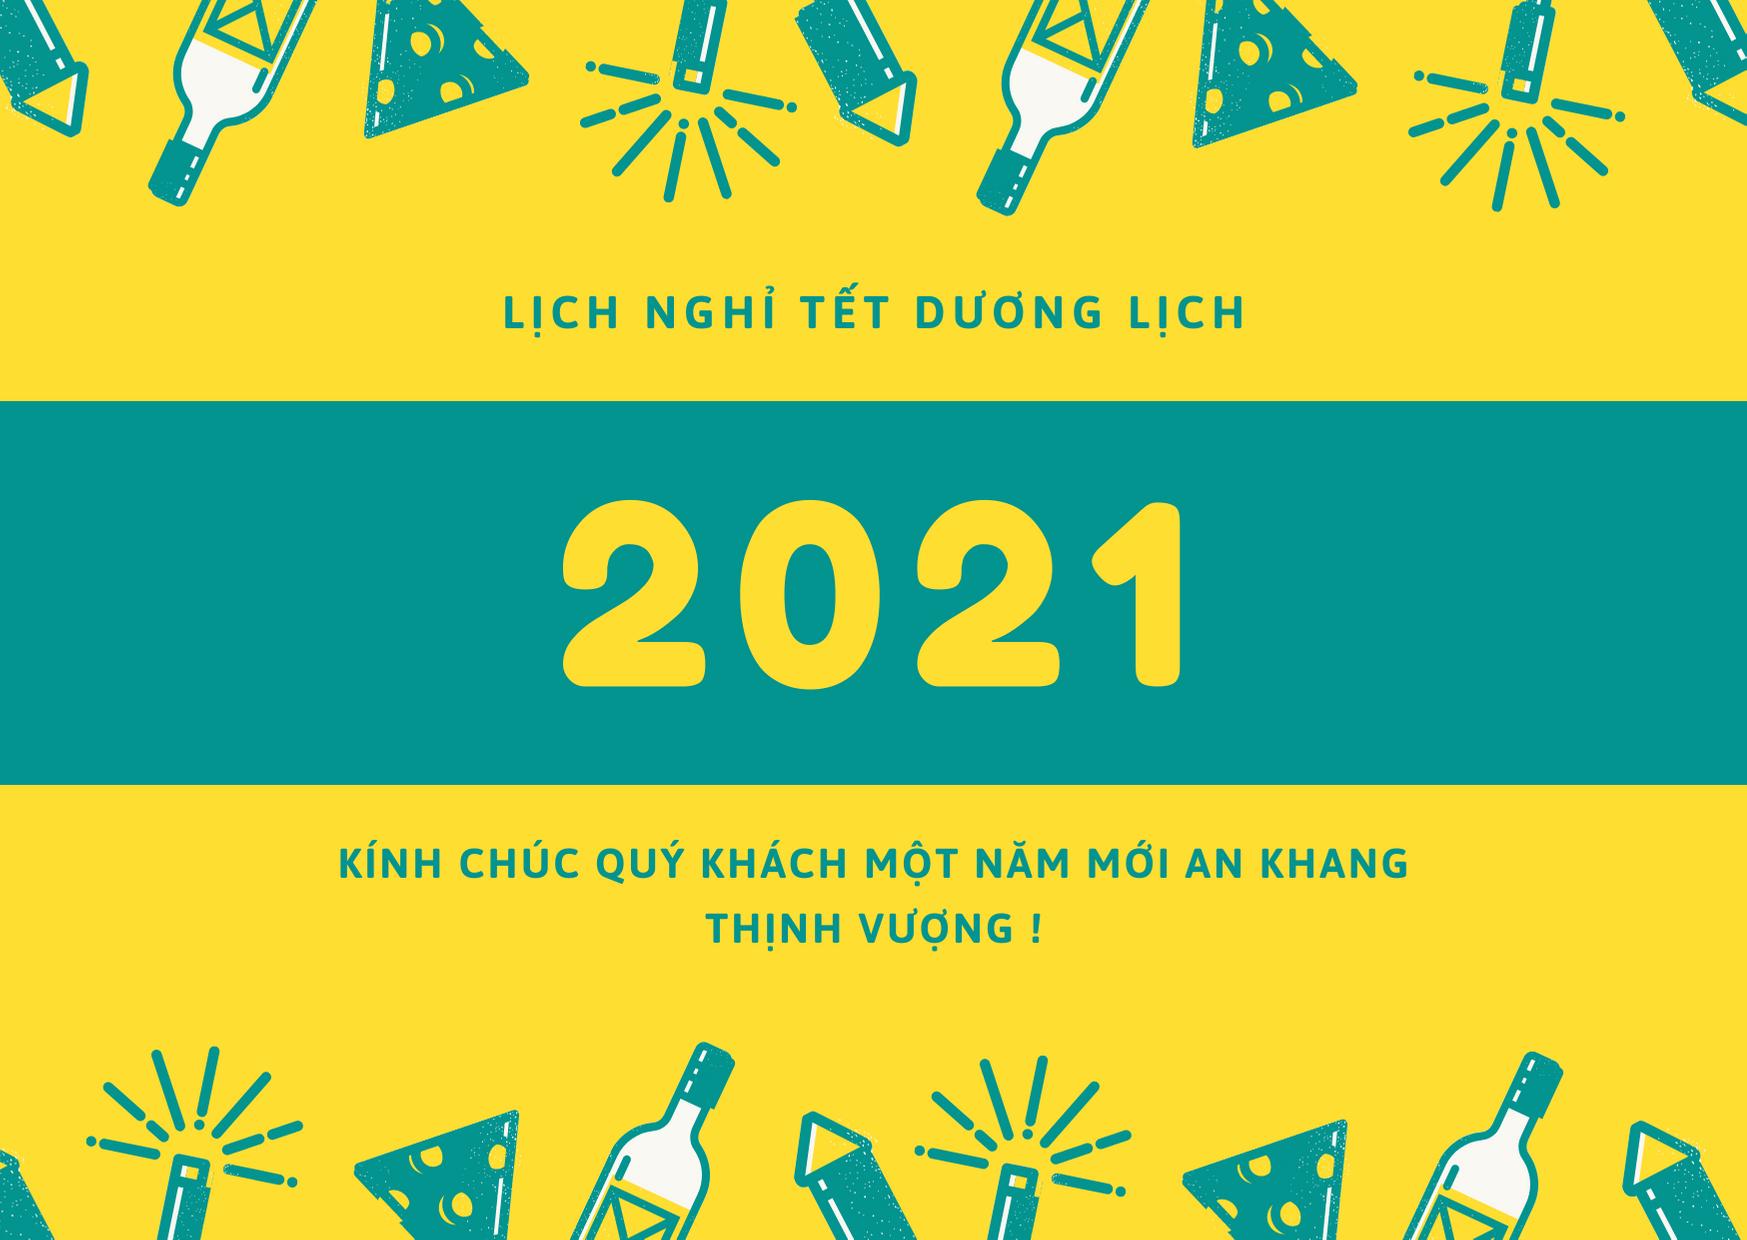 Thông báo nghỉ tết Dương Lịch 2021 - SuperHost.vn